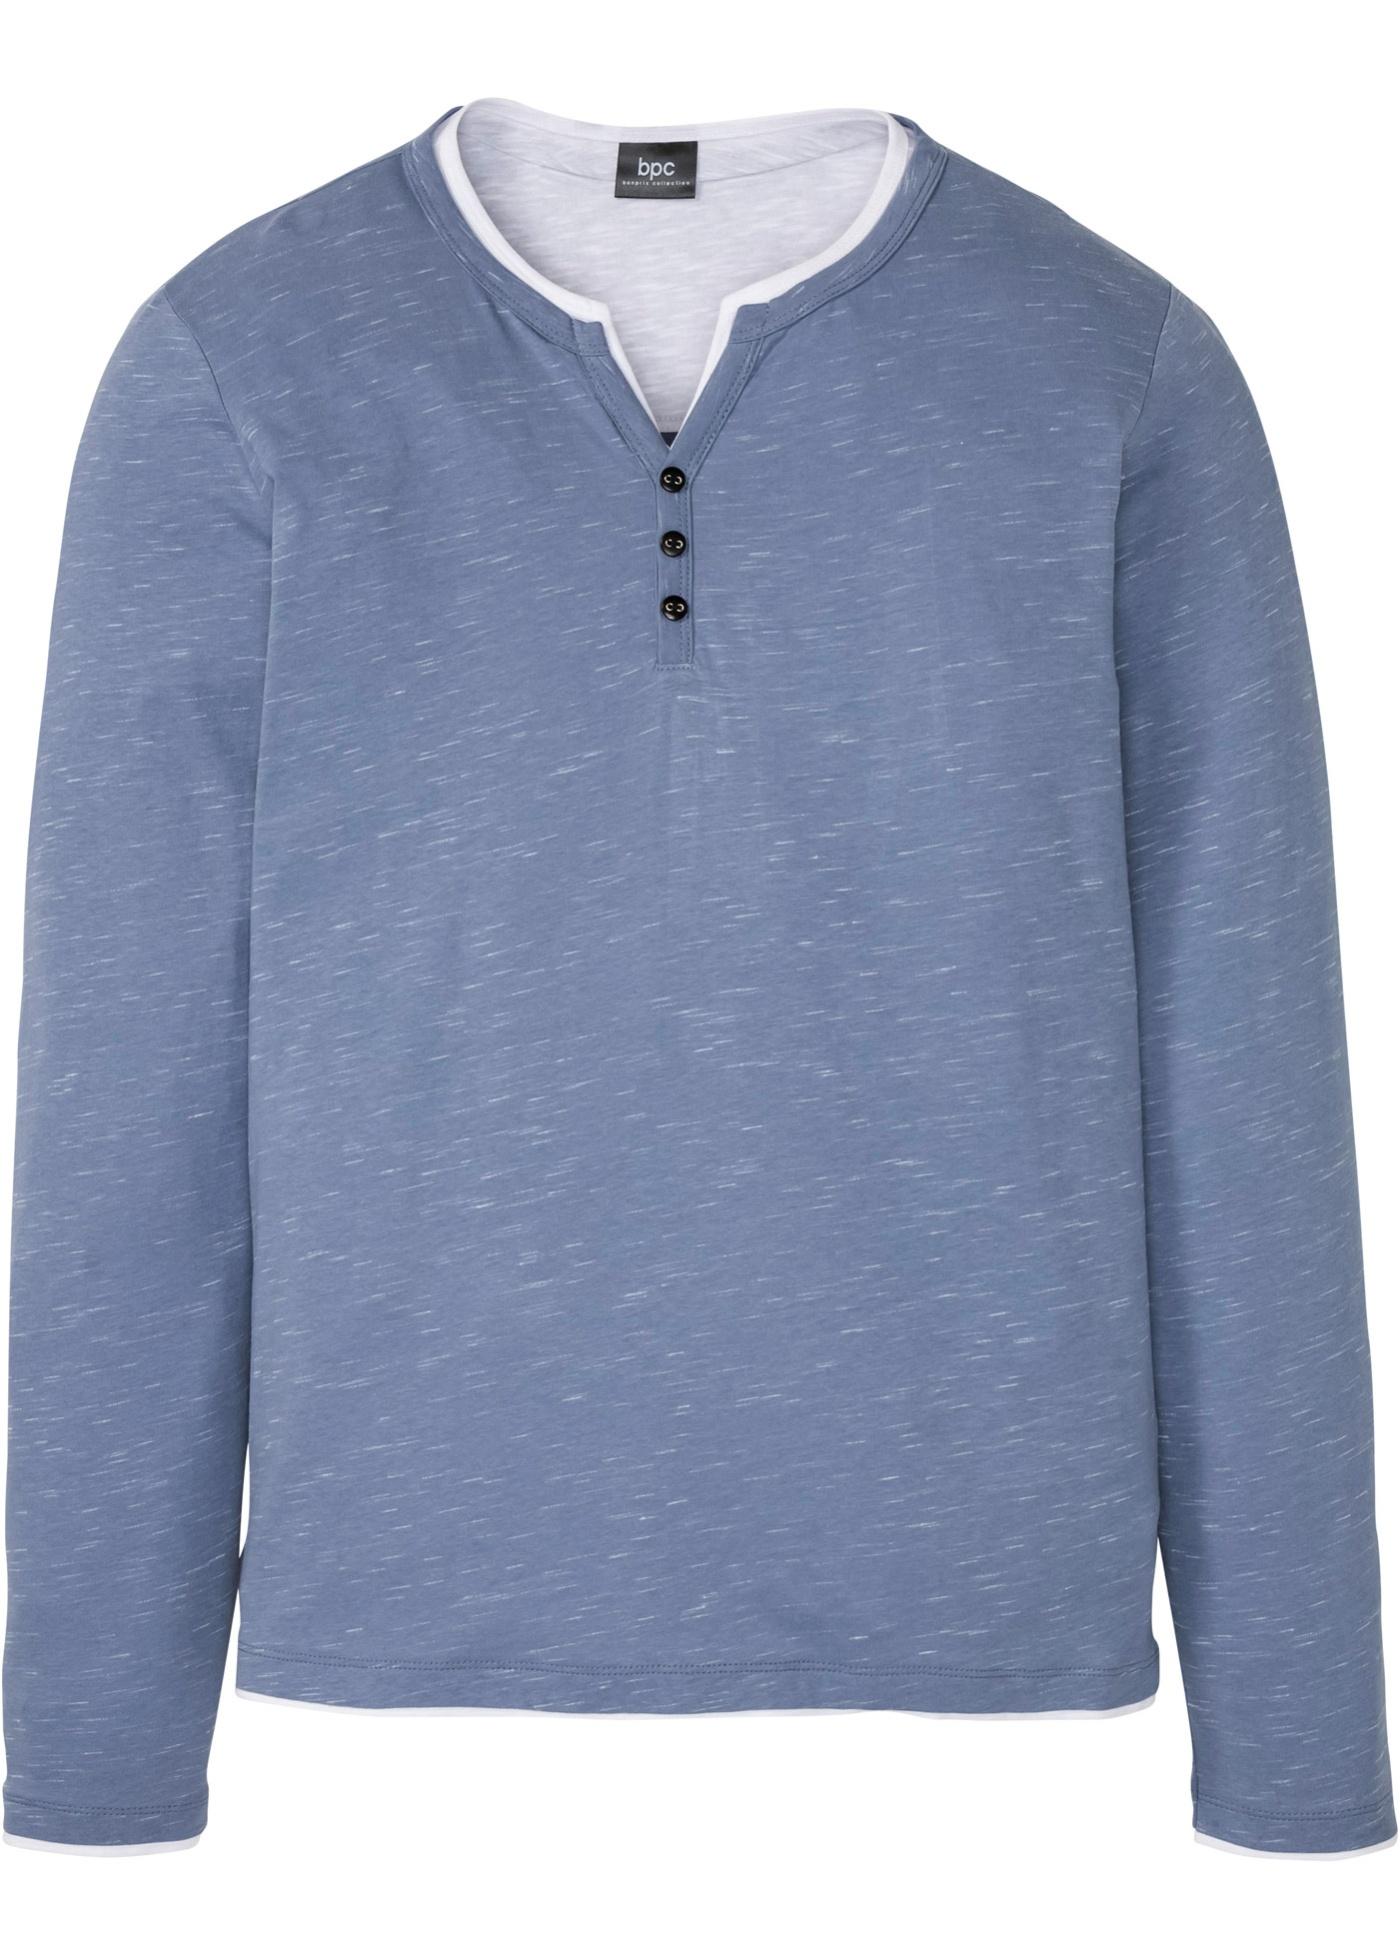 Henleyshirt in 2 in 1-Optik, Langarm